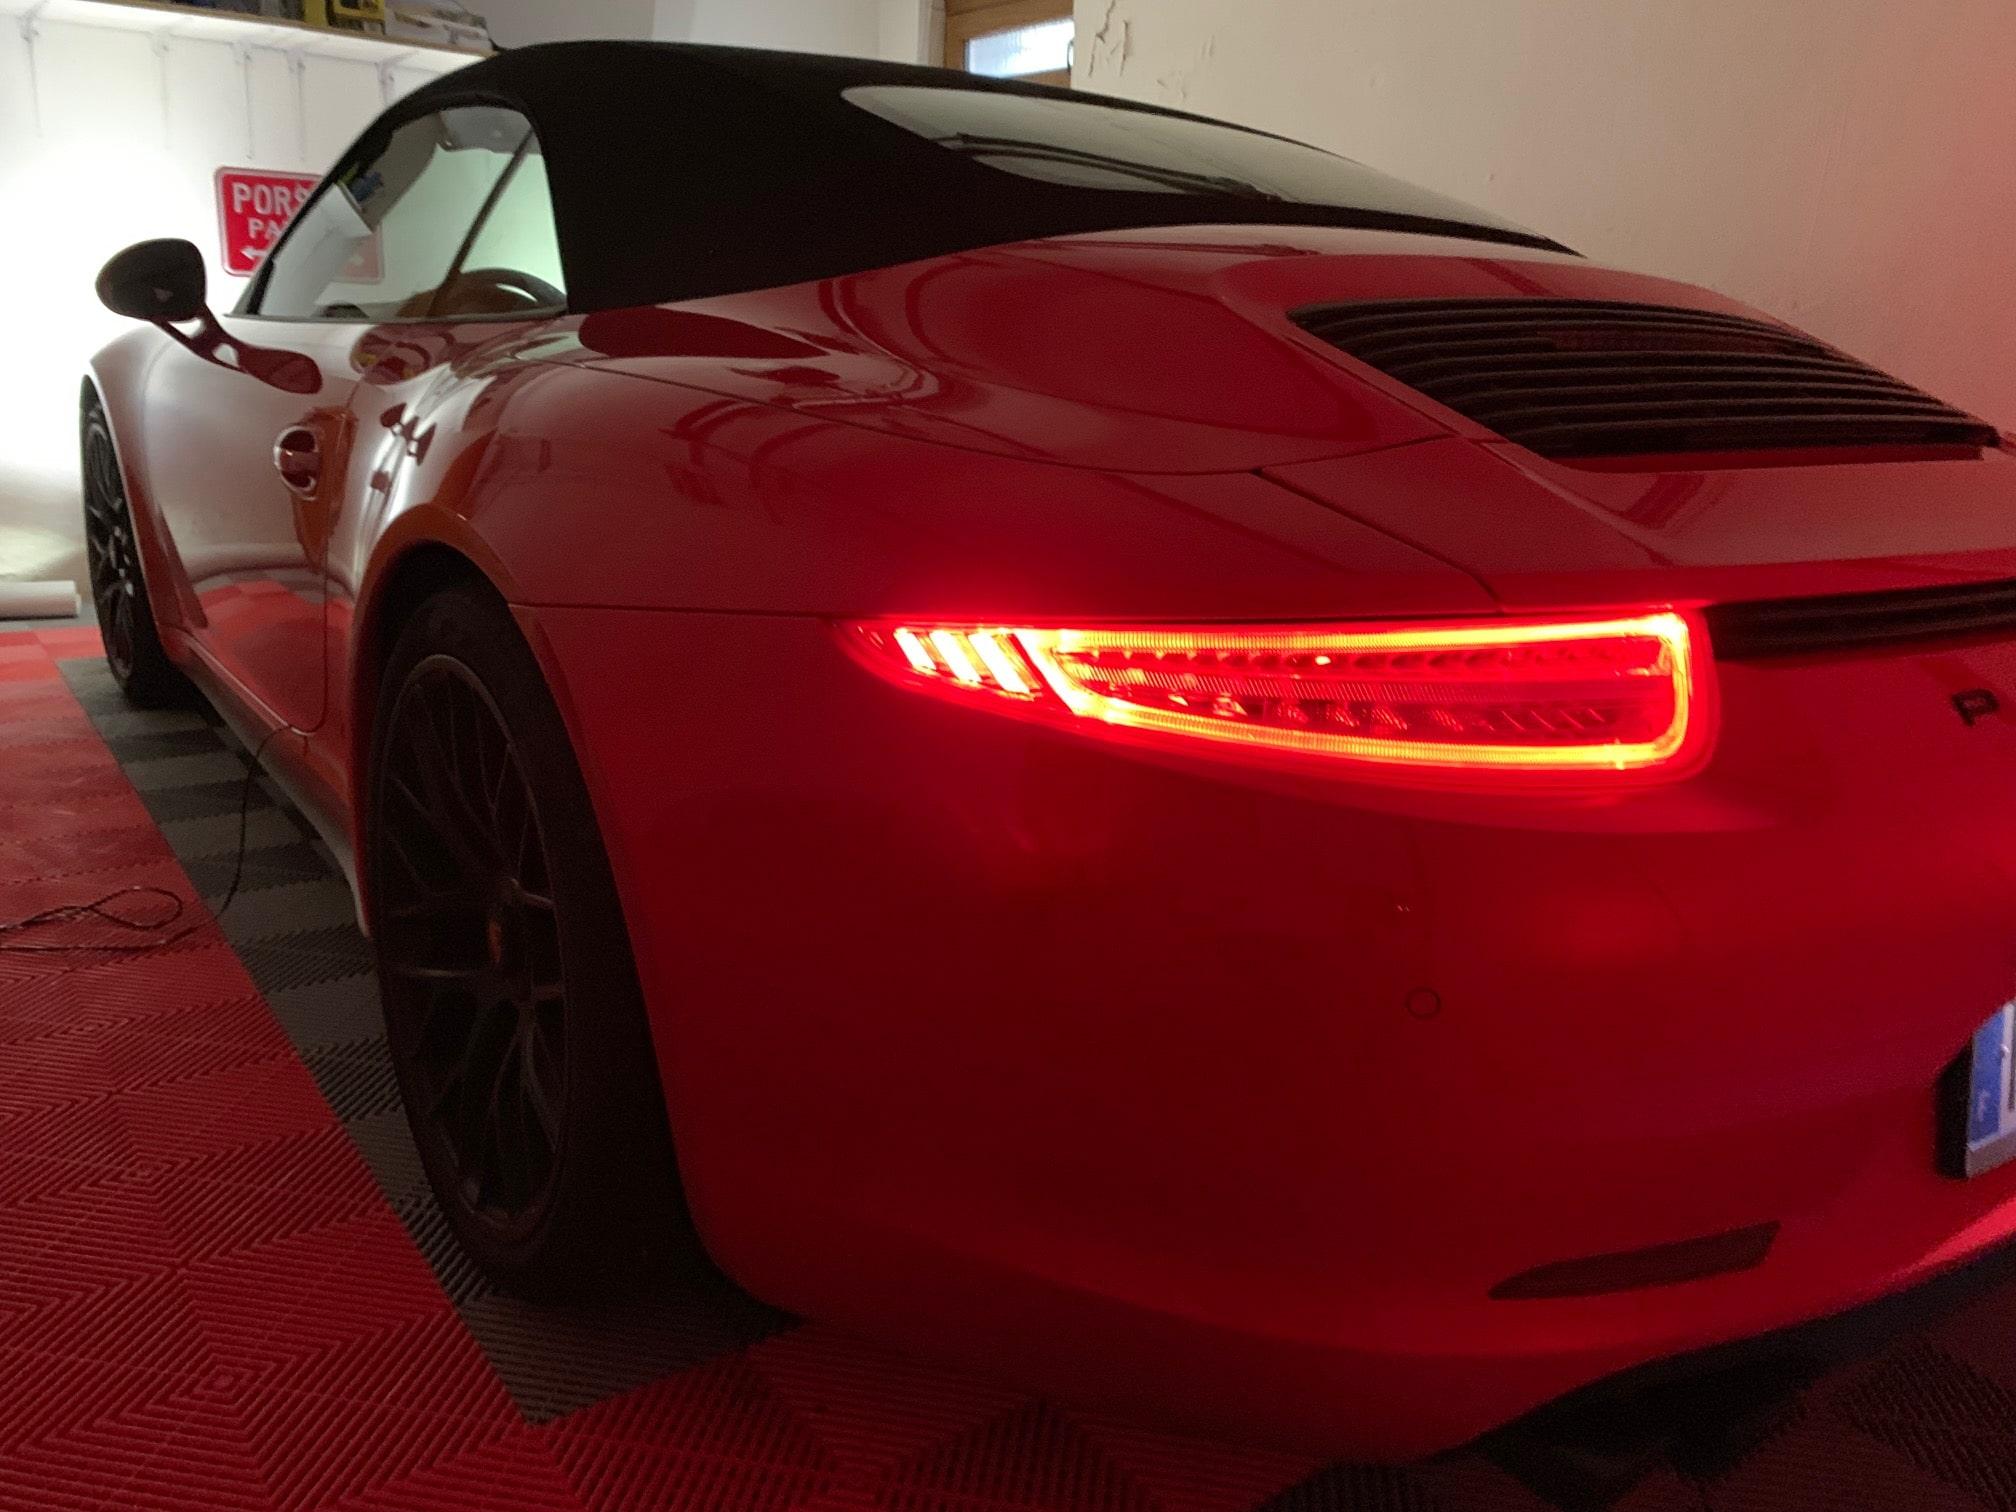 Comment assurer sa Porsche quand elle roule pas ou peu ?